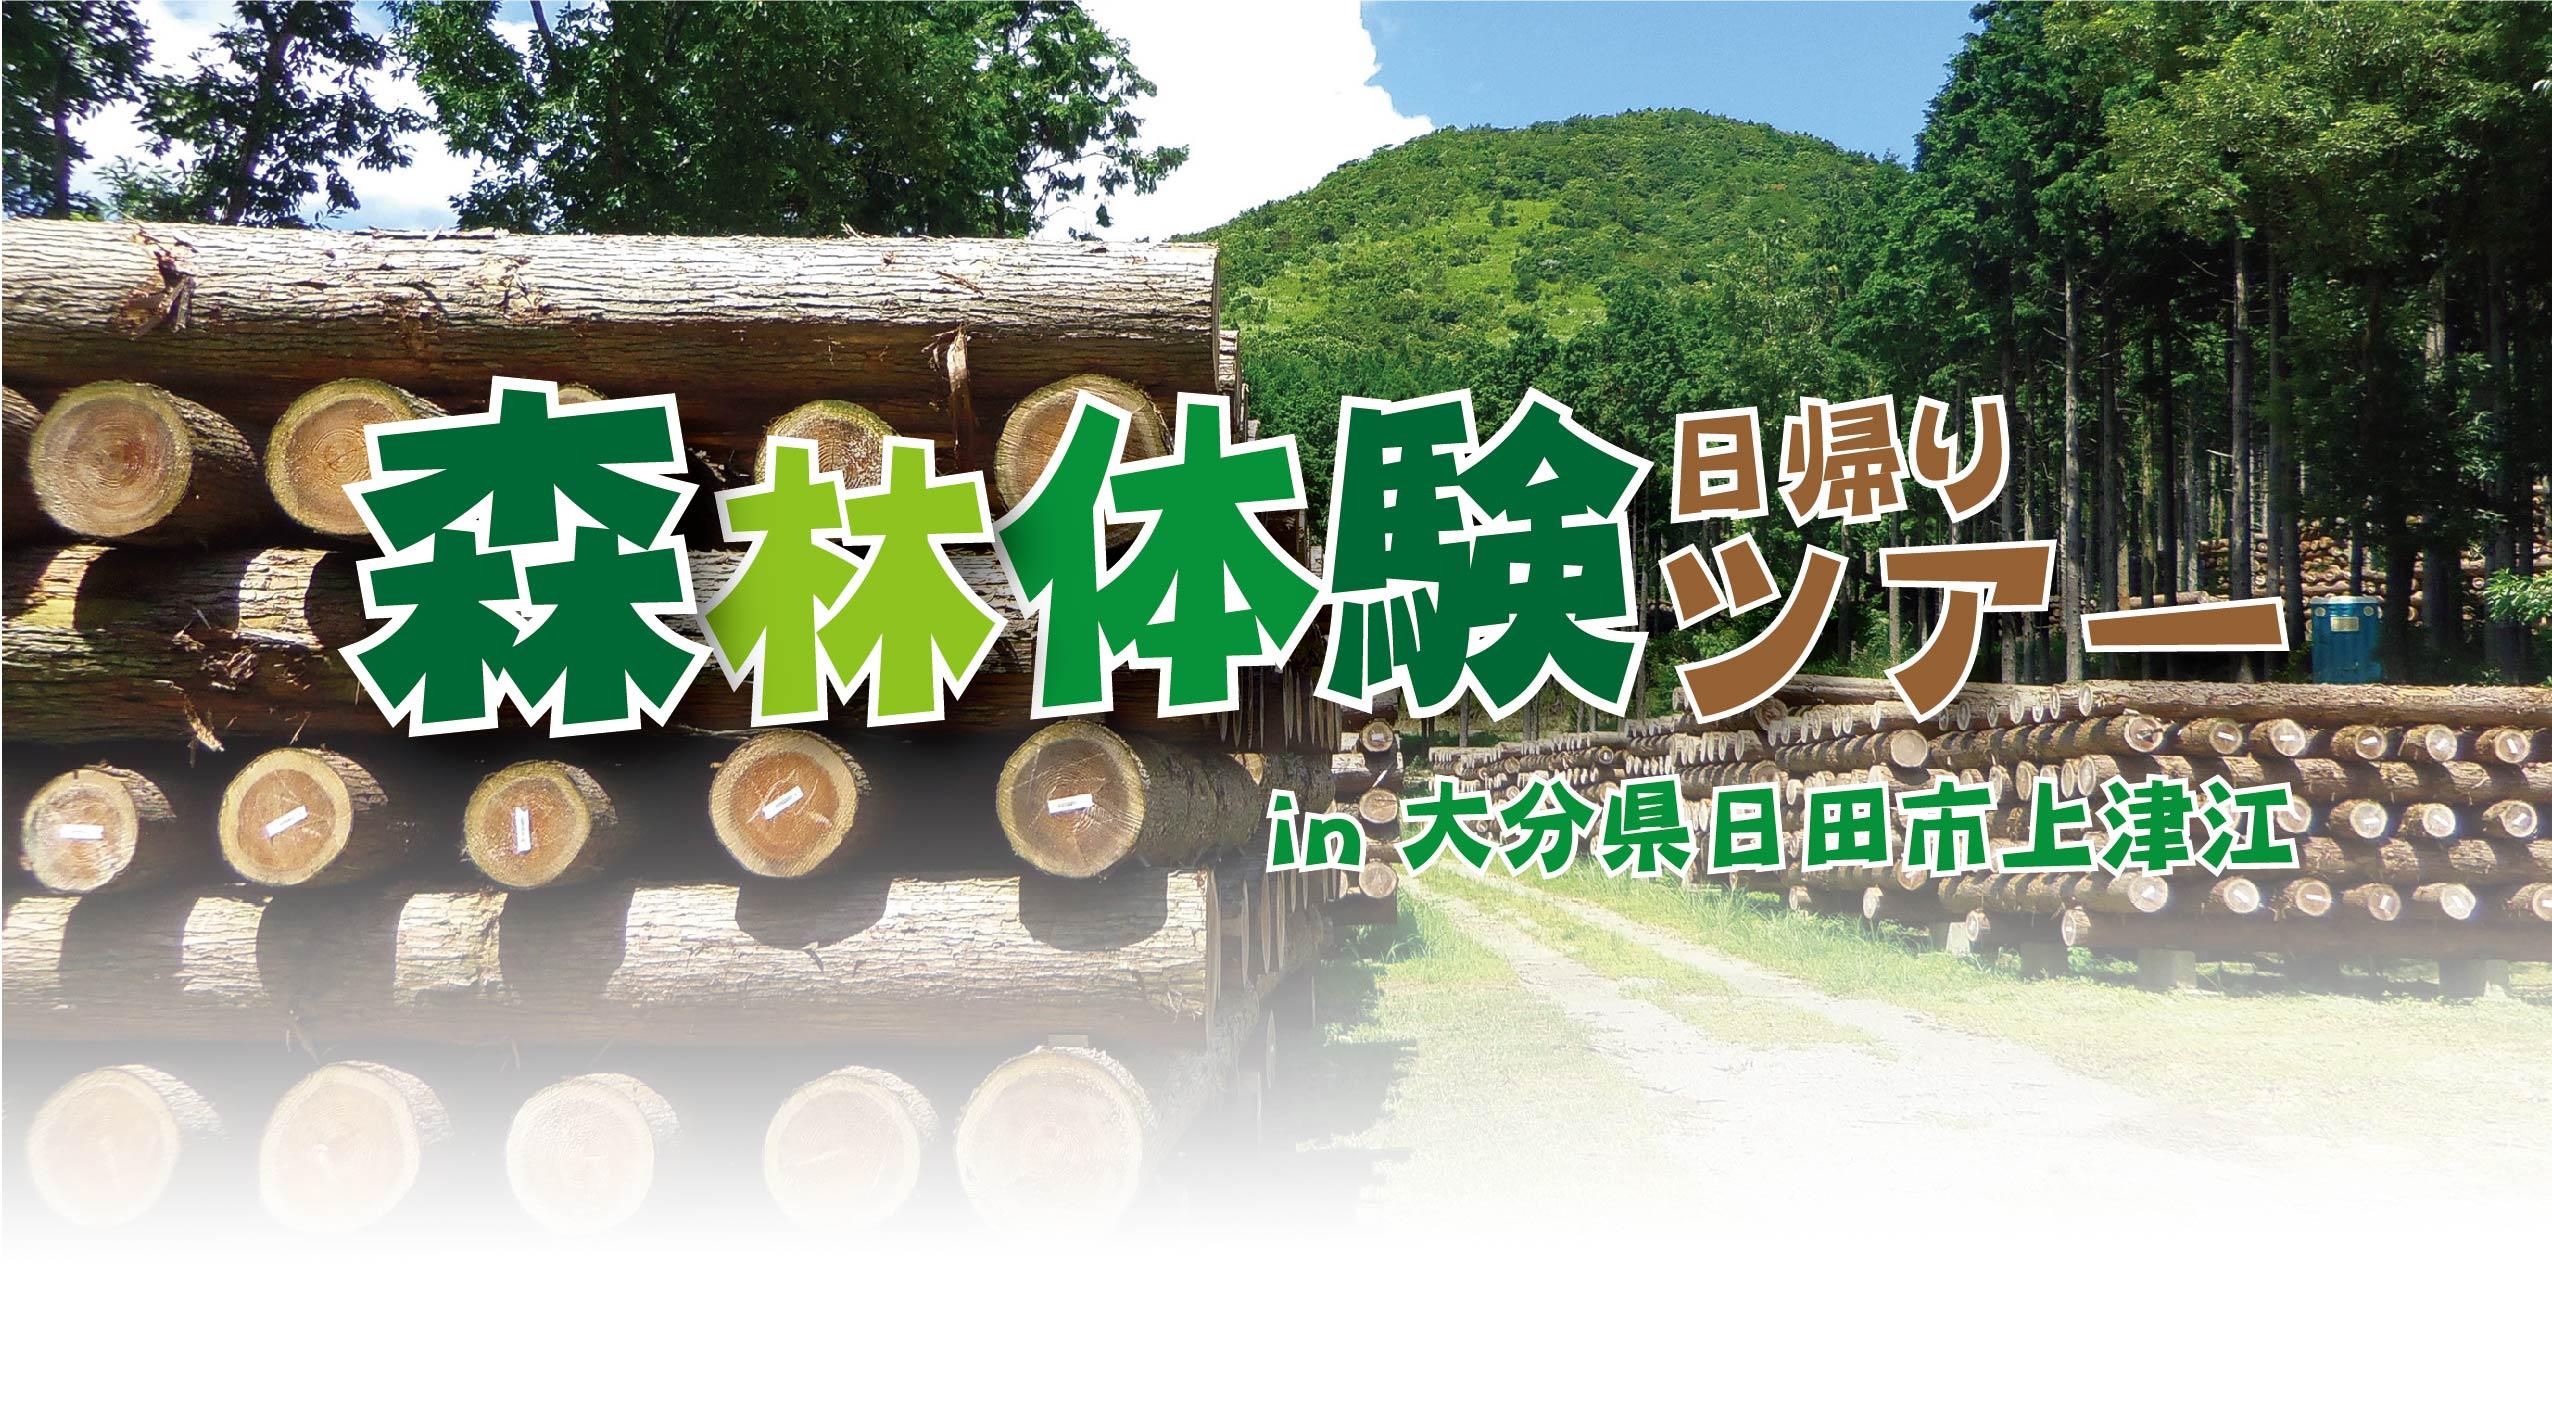 夏休み企画 森林体験ツアー(第2班)@日田市上津江//8/22(日)【開催中止】